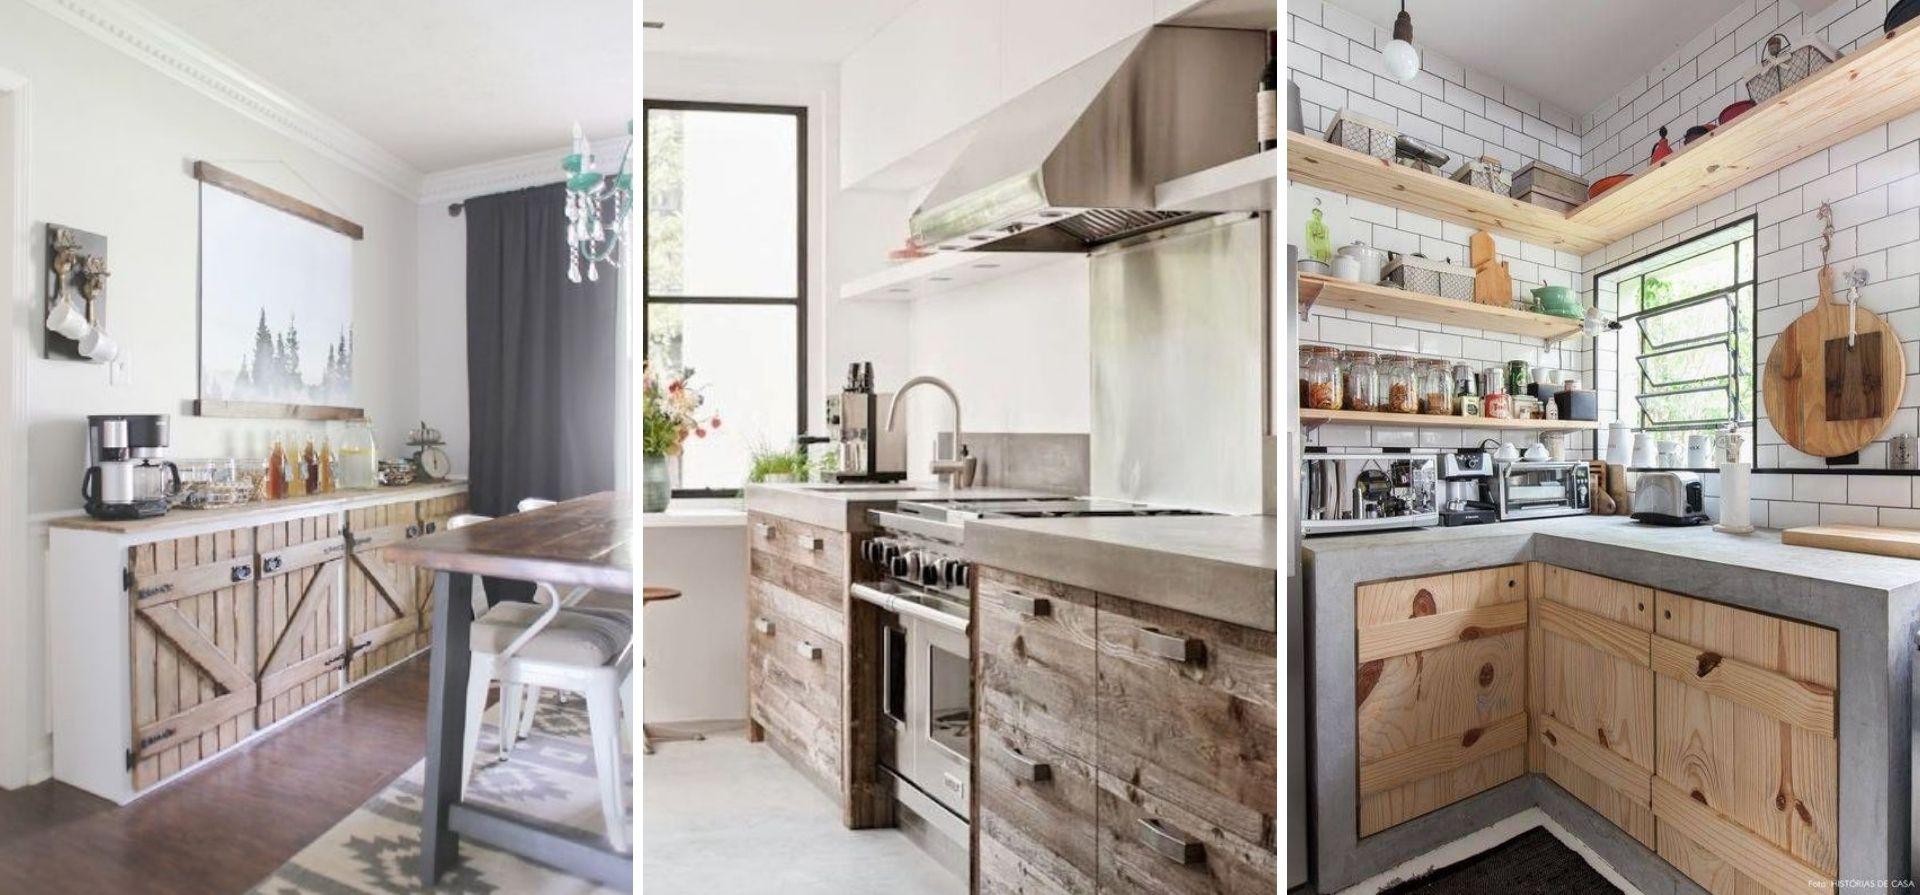 planche de bois transformation armoires cuisine